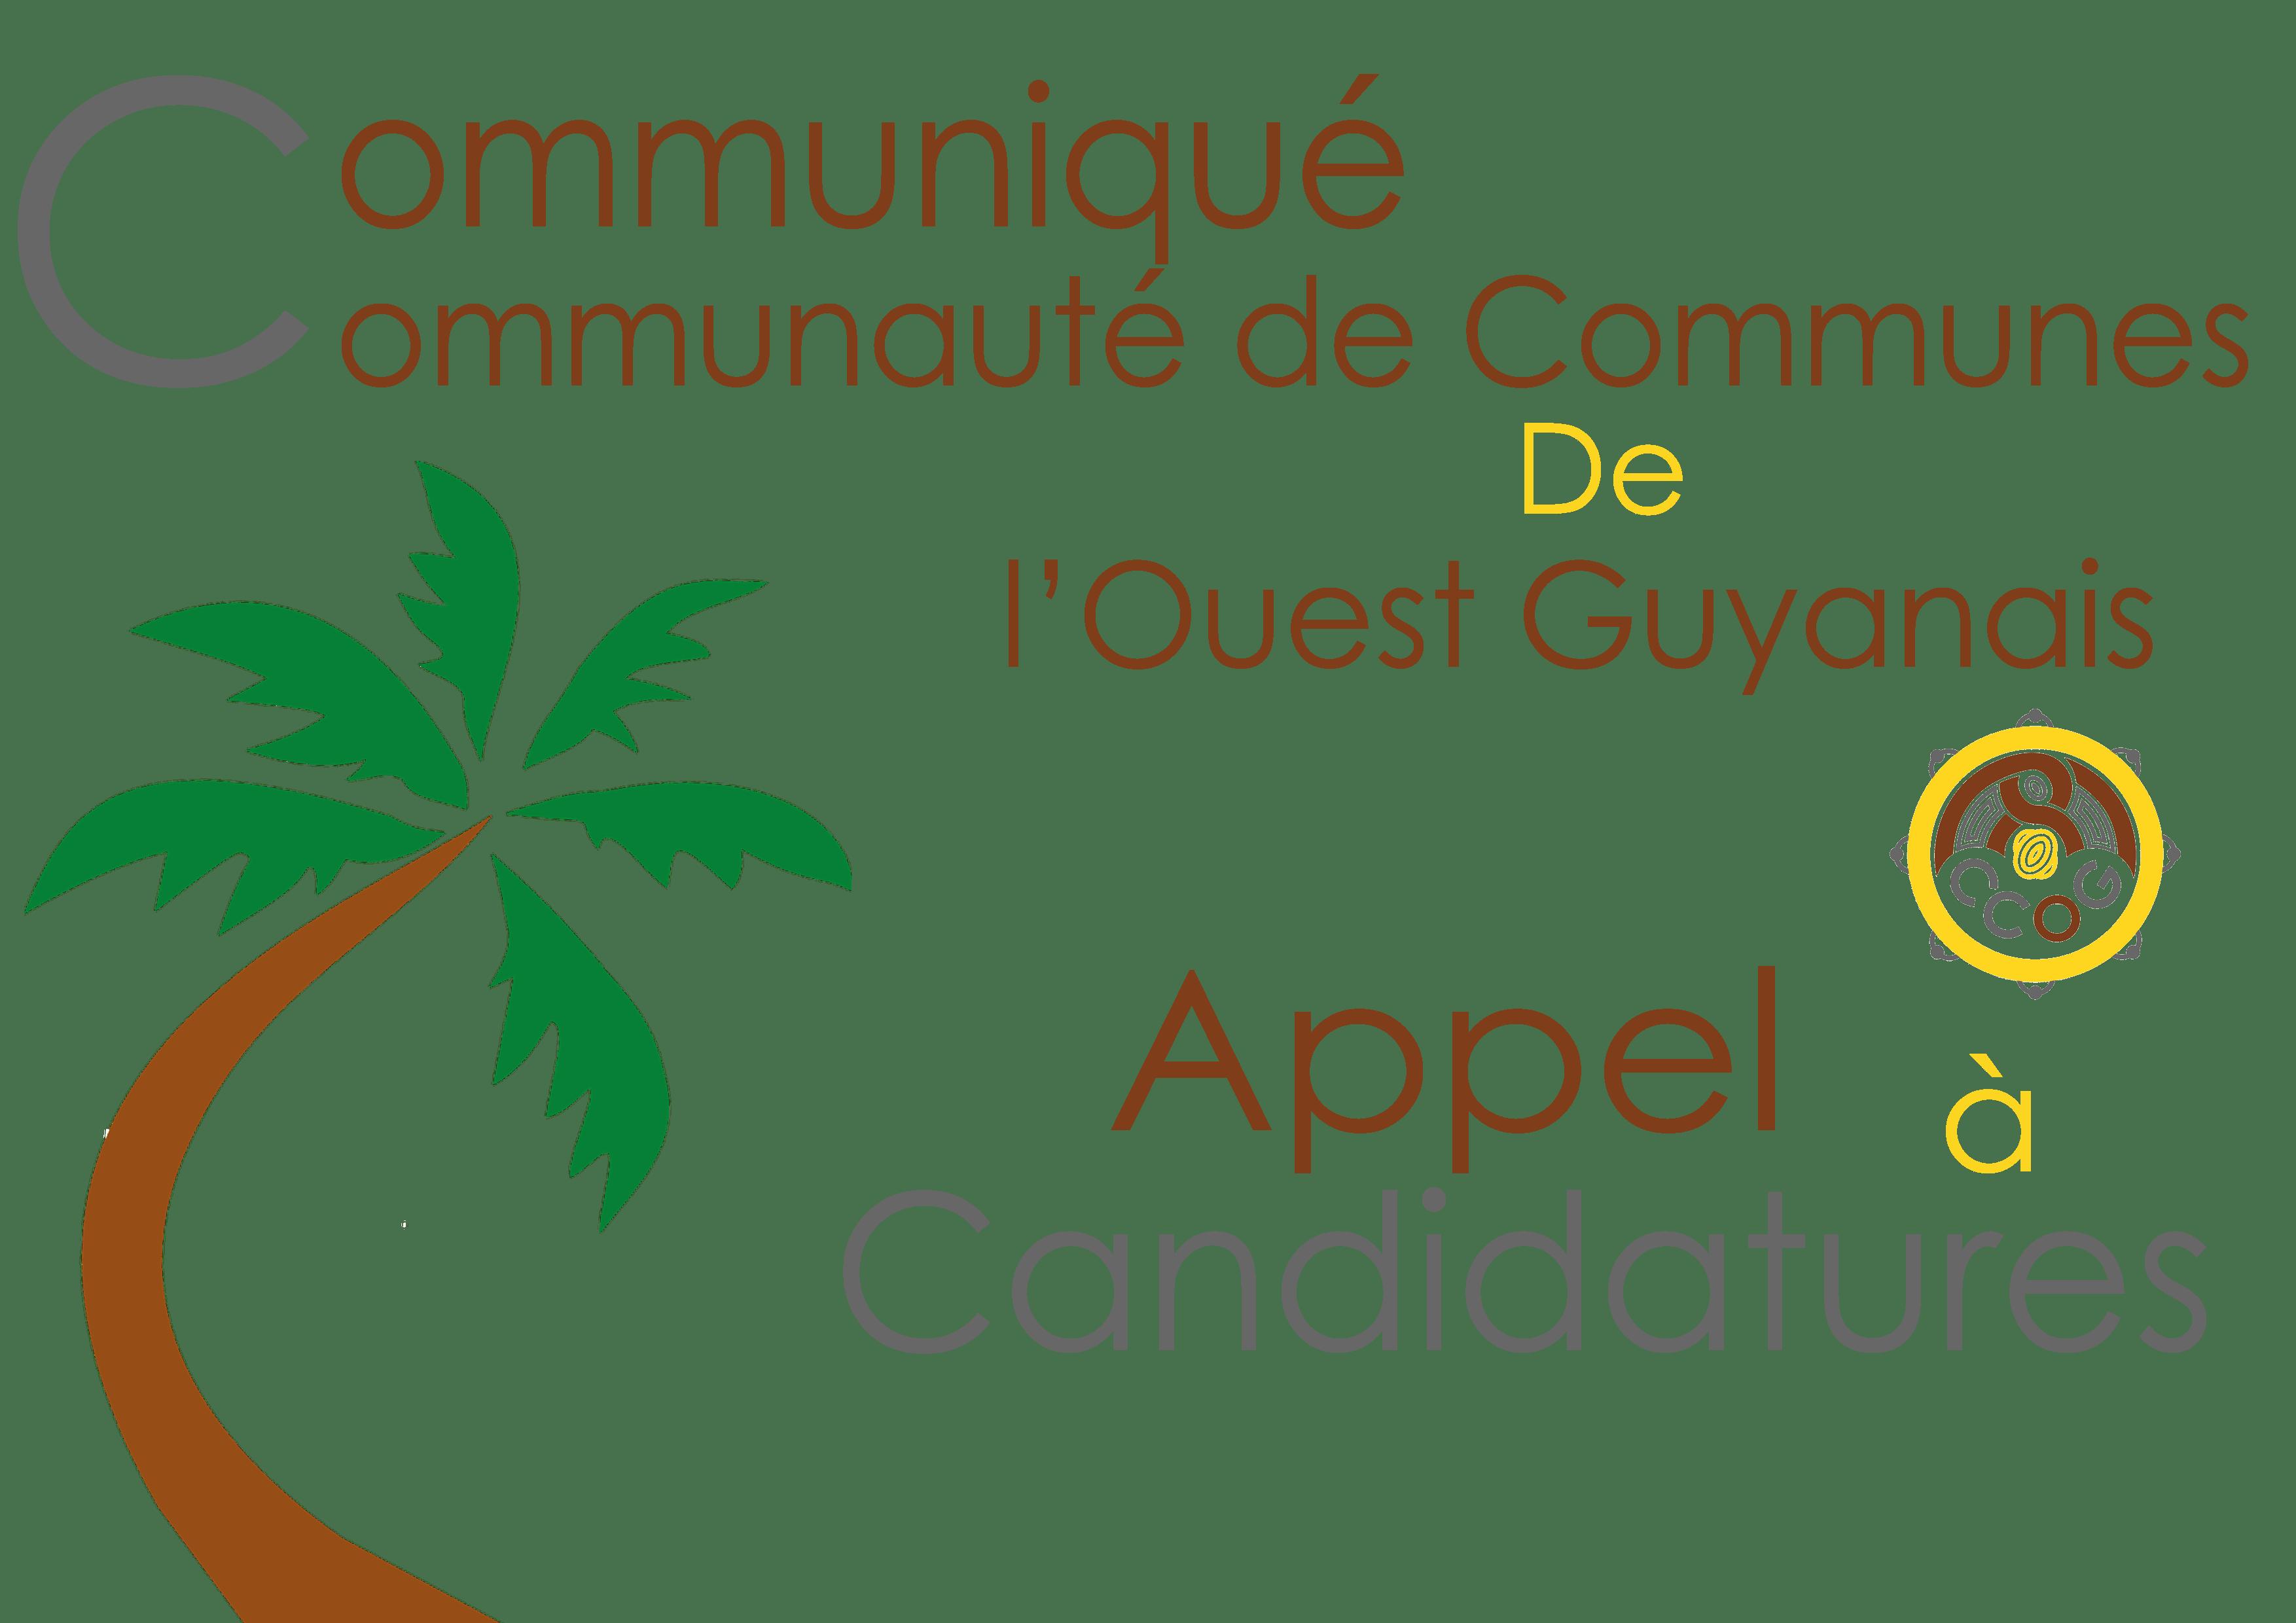 Comité de Direction de l'Office de Tourisme de l'Ouest Guyanais : Appel à représentation